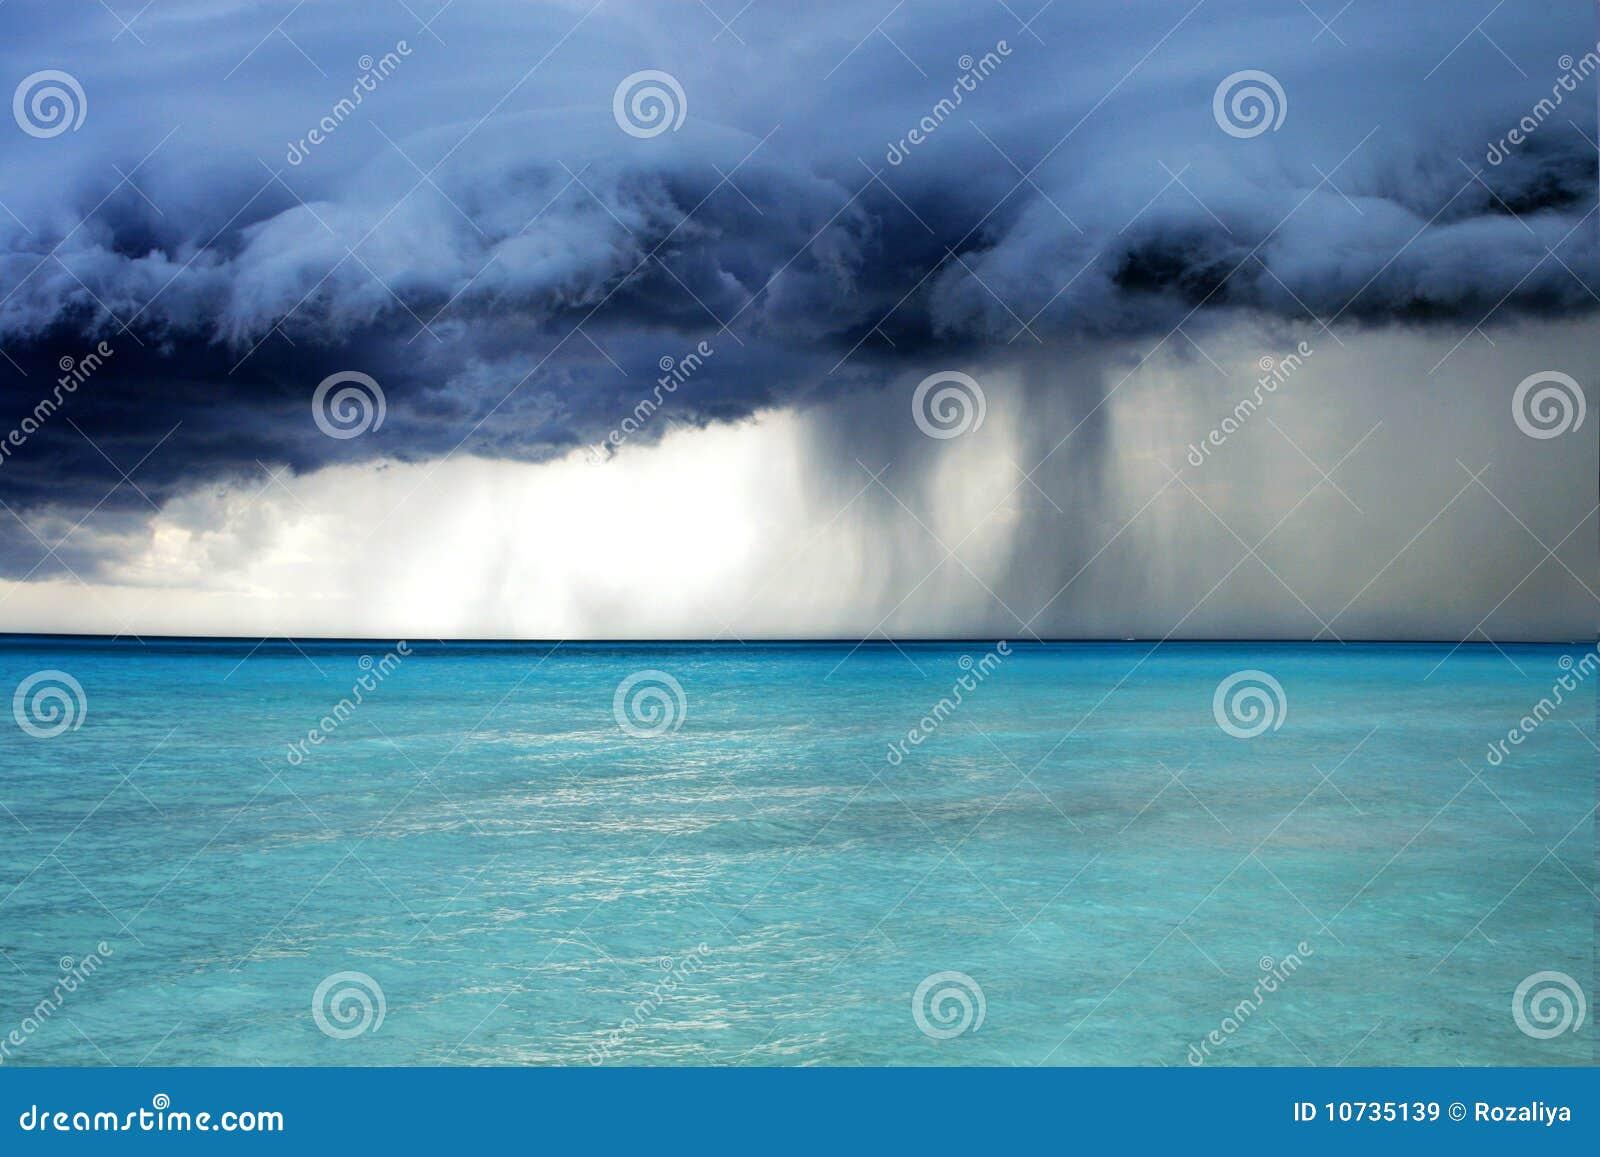 海滩雨多暴风雨的天气